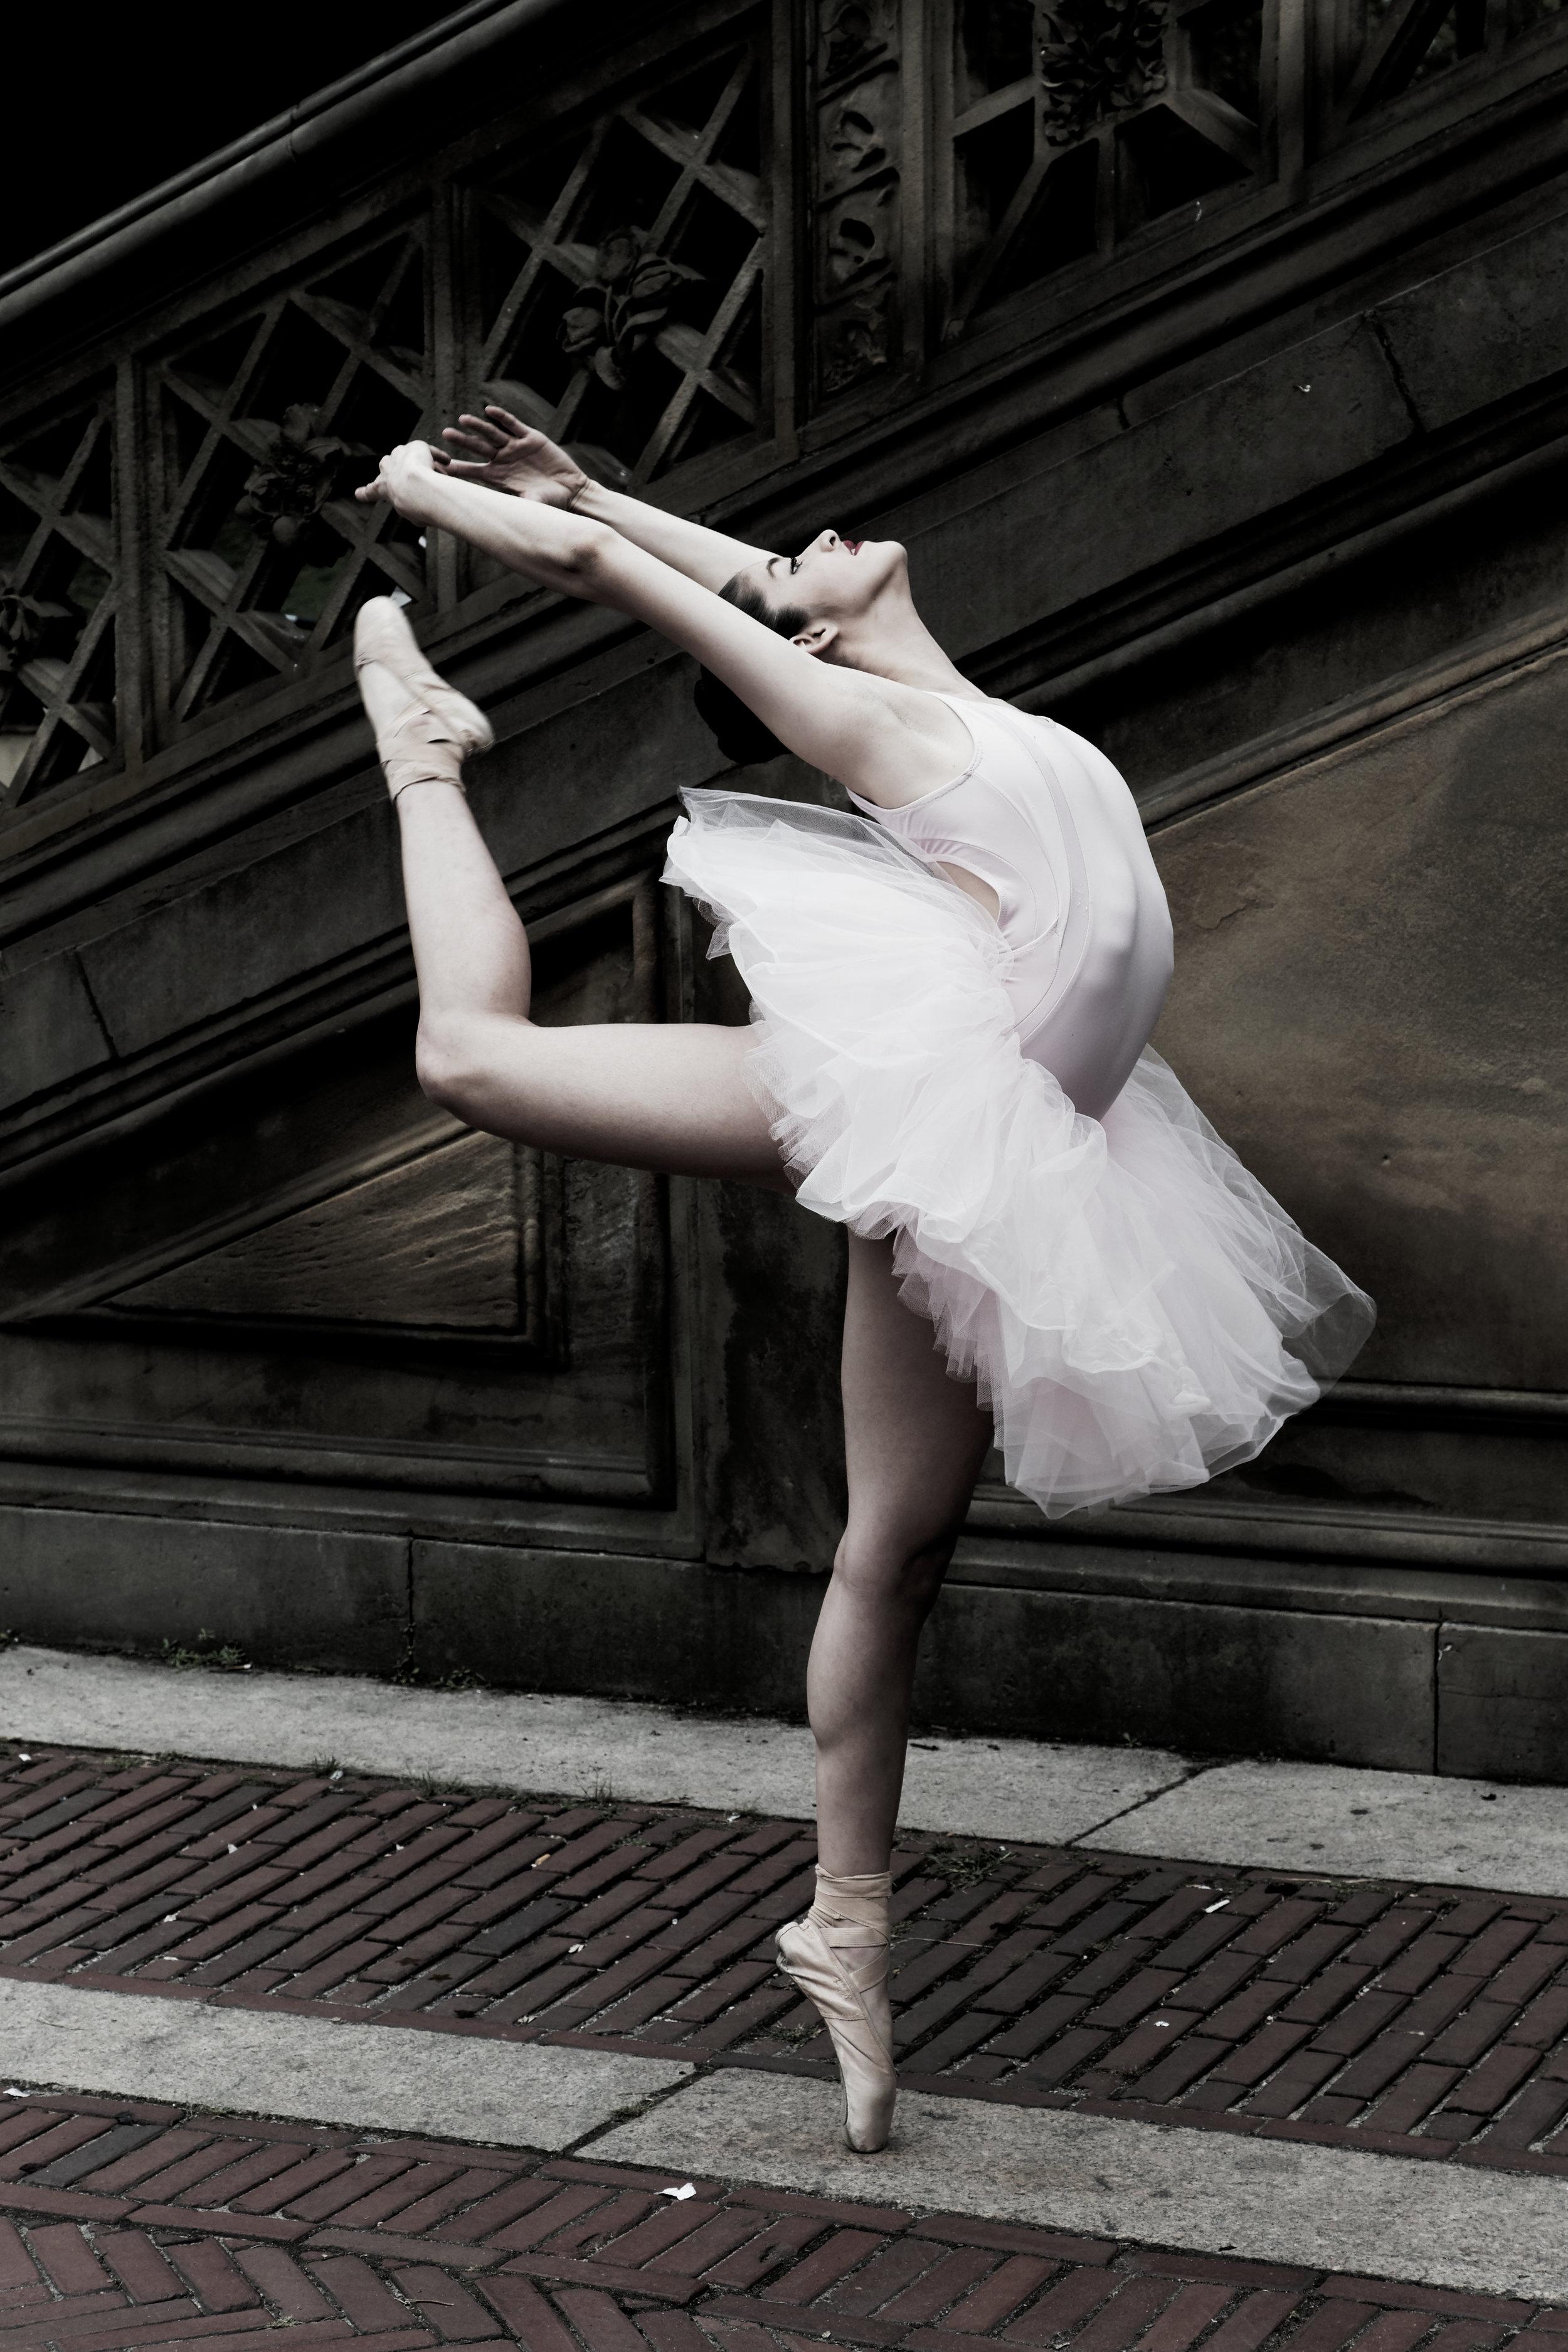 When the artist... - Becomes the art. Meet Emily Hug De Belmont